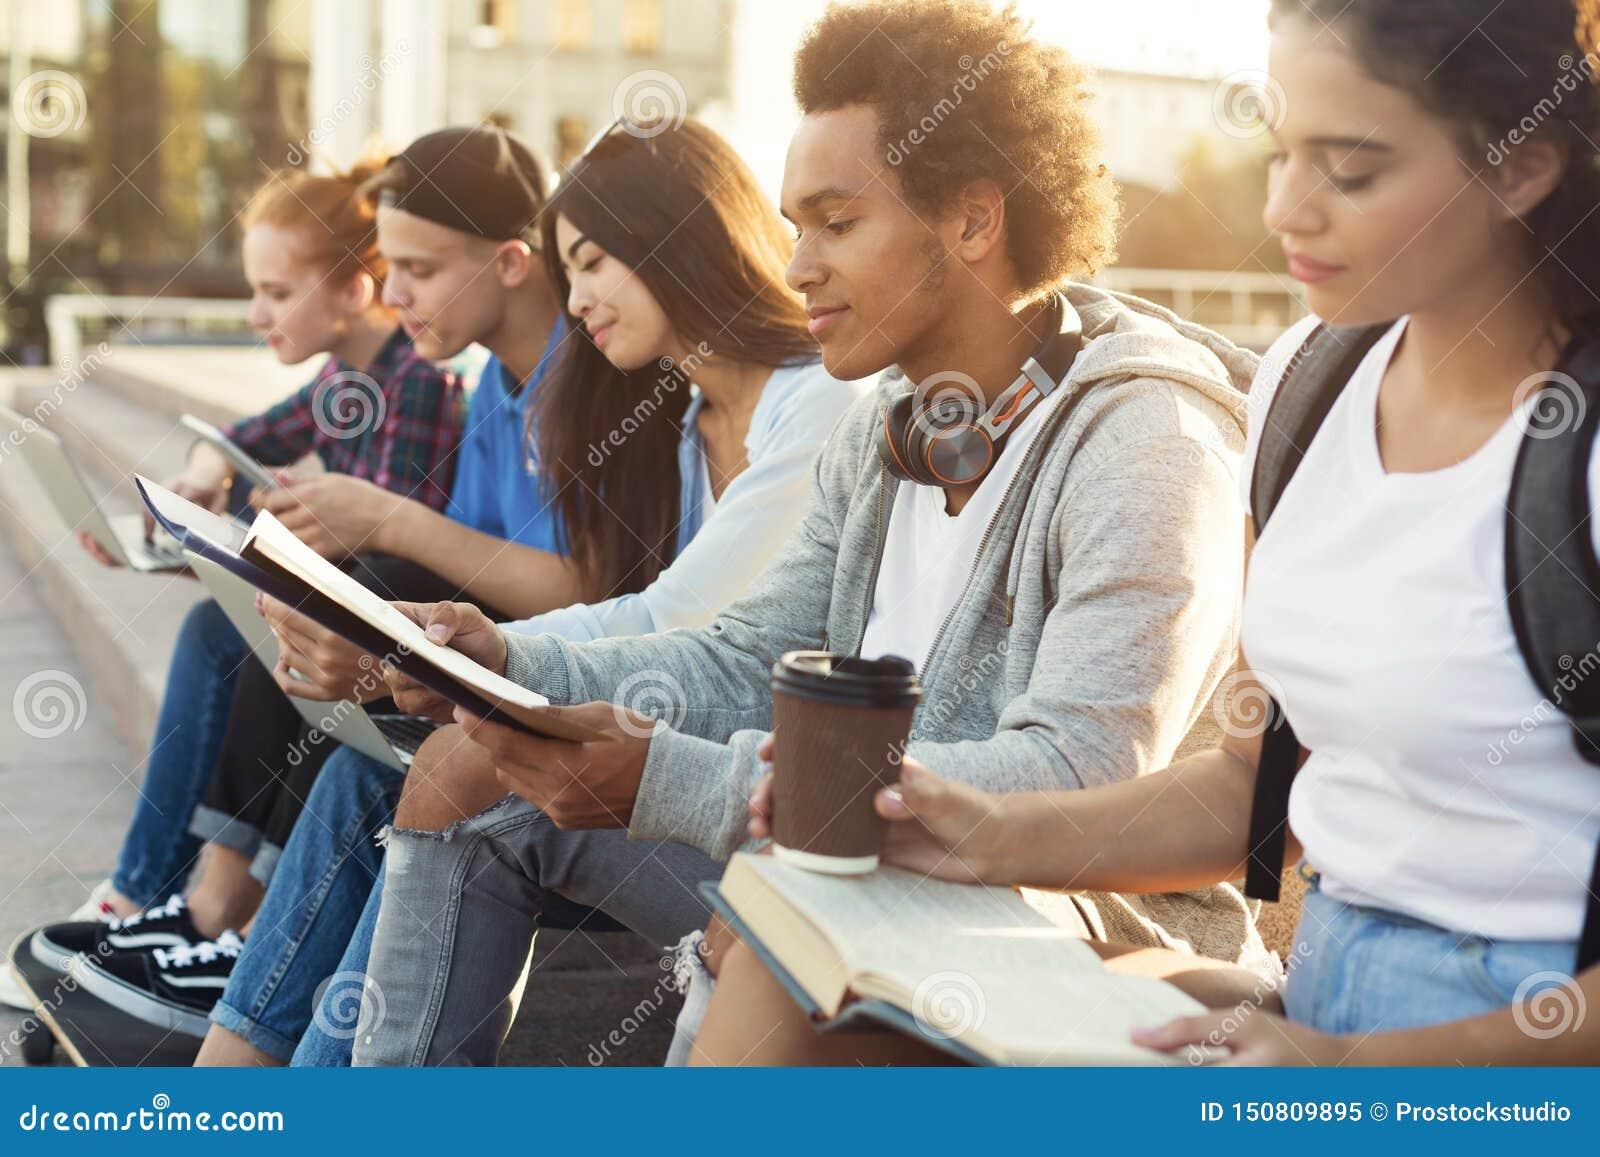 Estudiantes diversos adolescentes que estudian al aire libre por la tarde